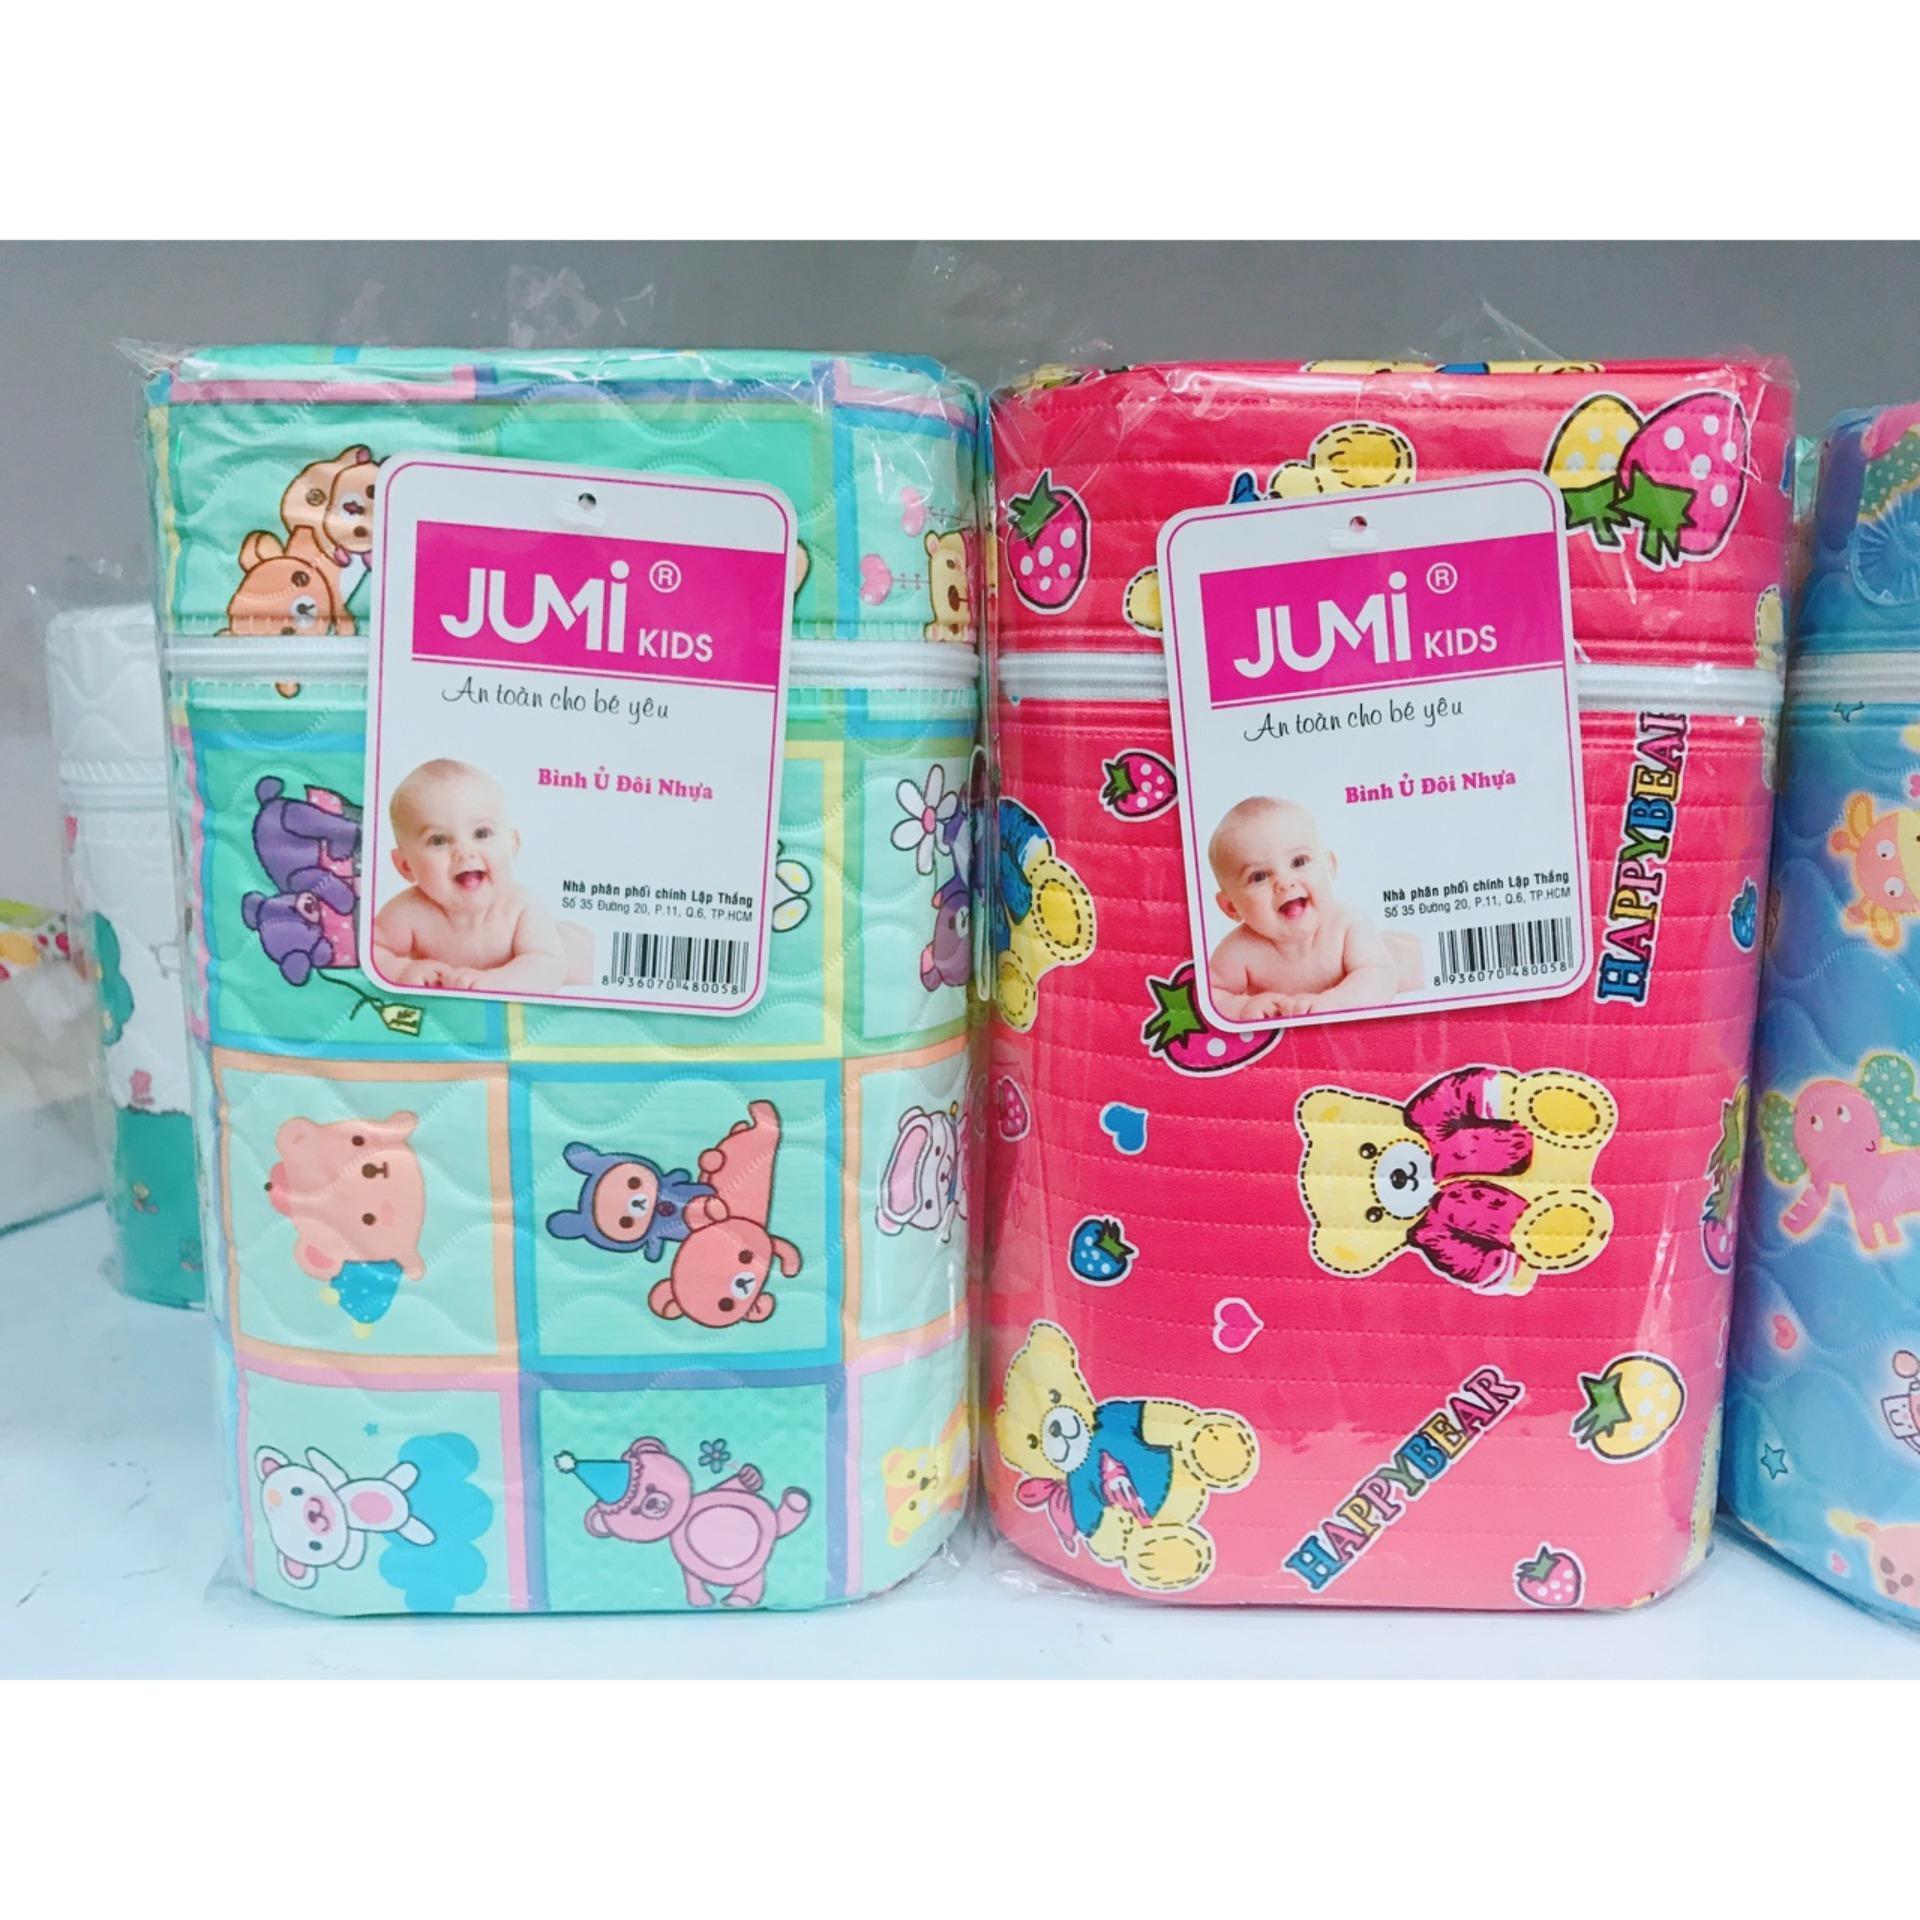 Bình ủ sữa đôi Jumi 3 lớp nhựa cao cấp